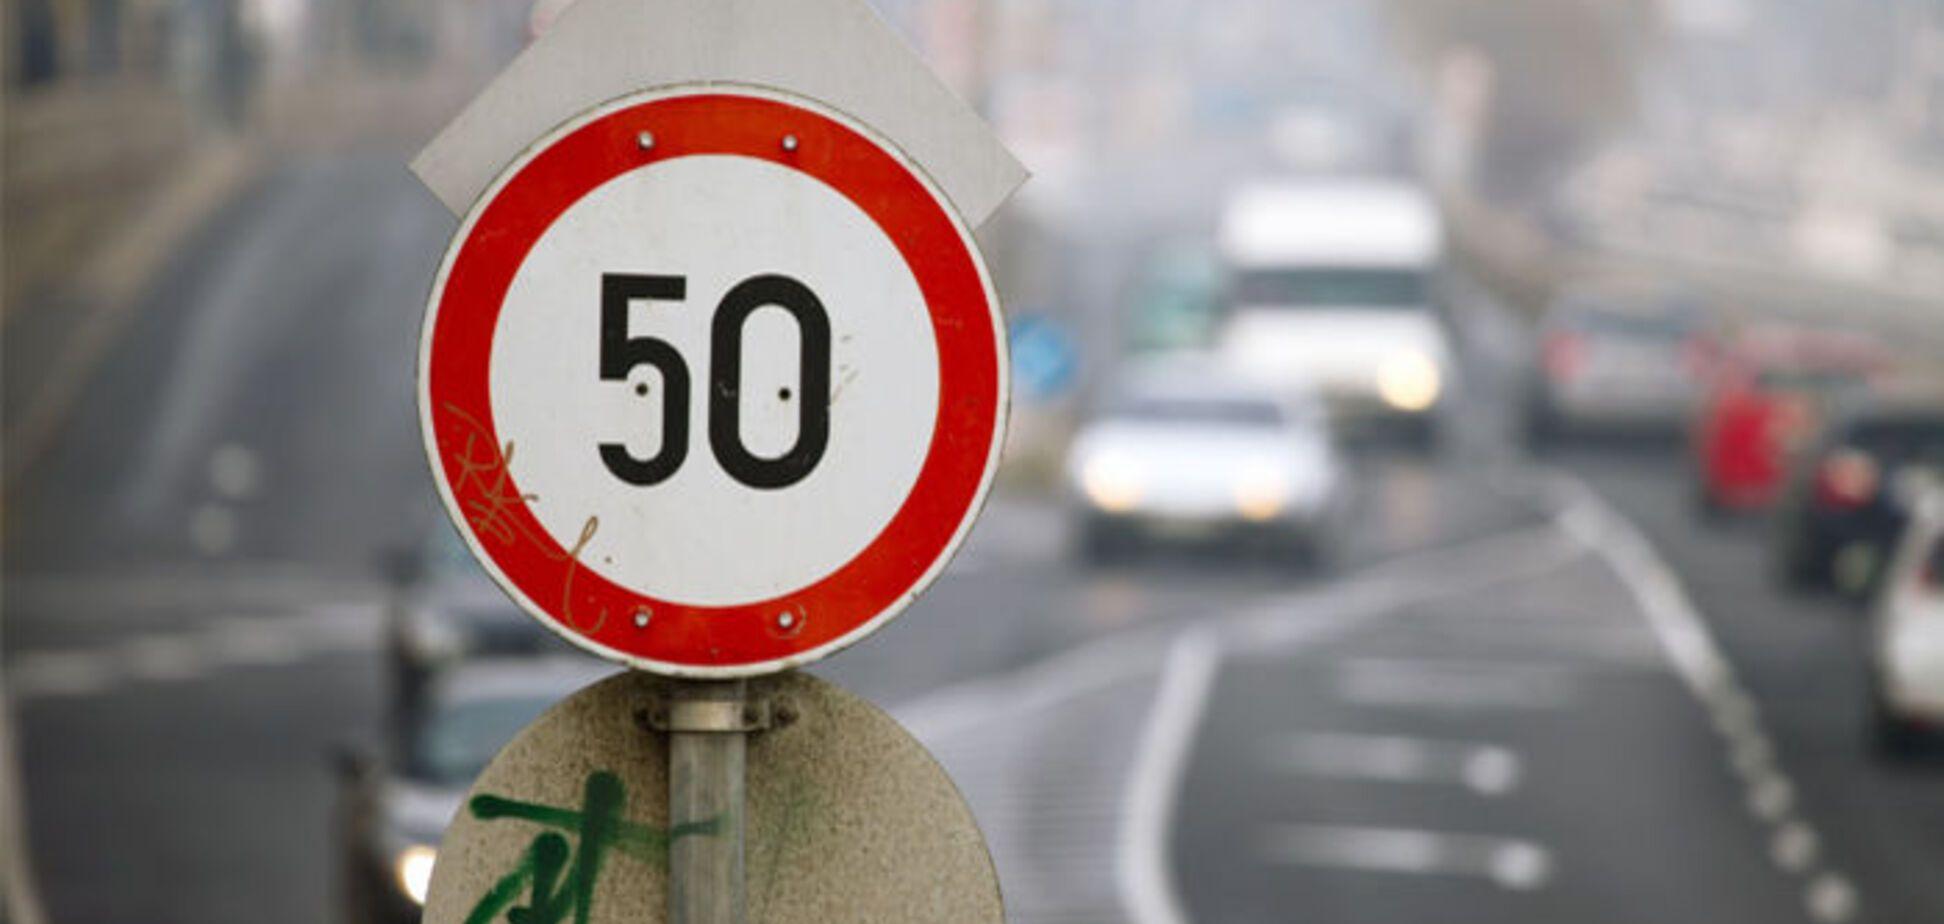 Ужесточение ПДД в Украине: появилась важная информация для водителей